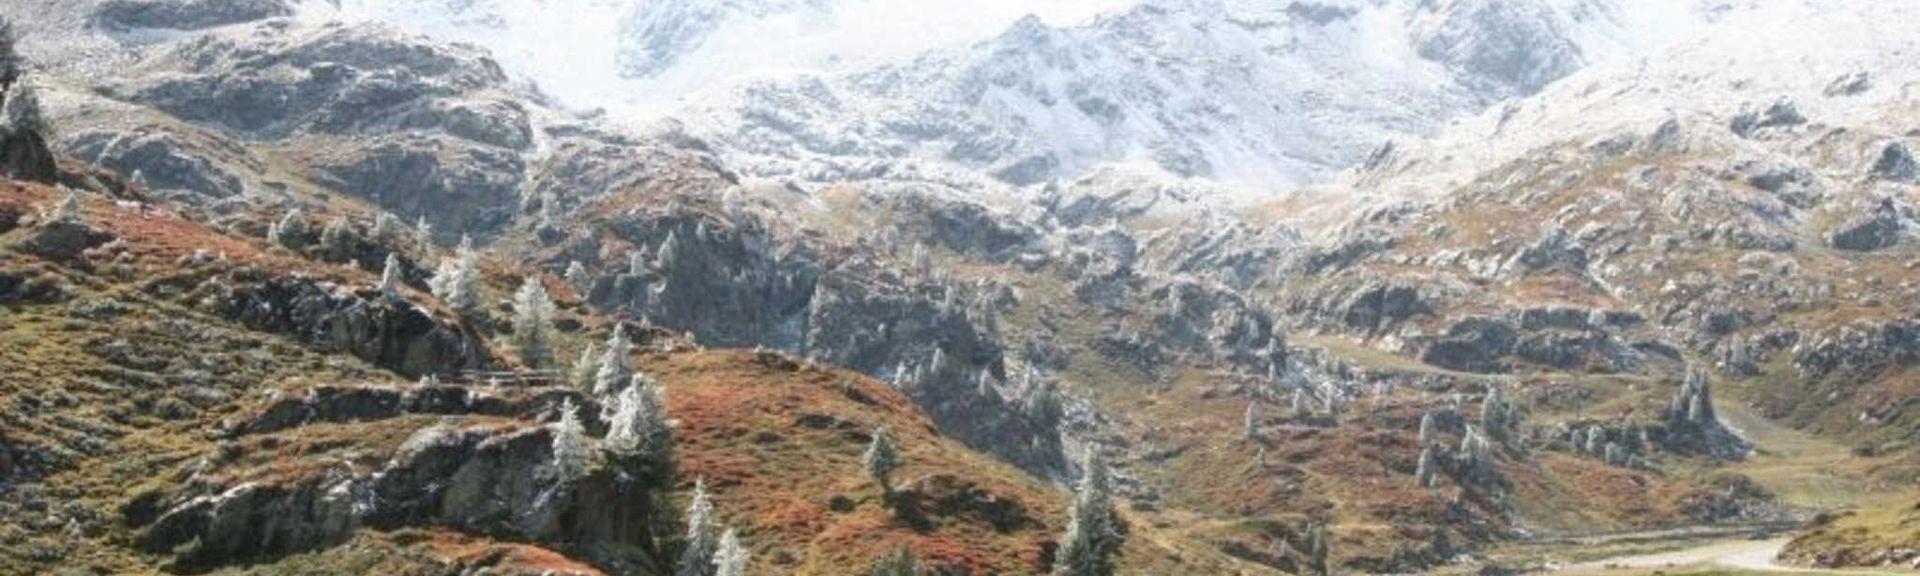 Serfaus-Fiss-Ladis, Serfaus, Tirol, Østerrike